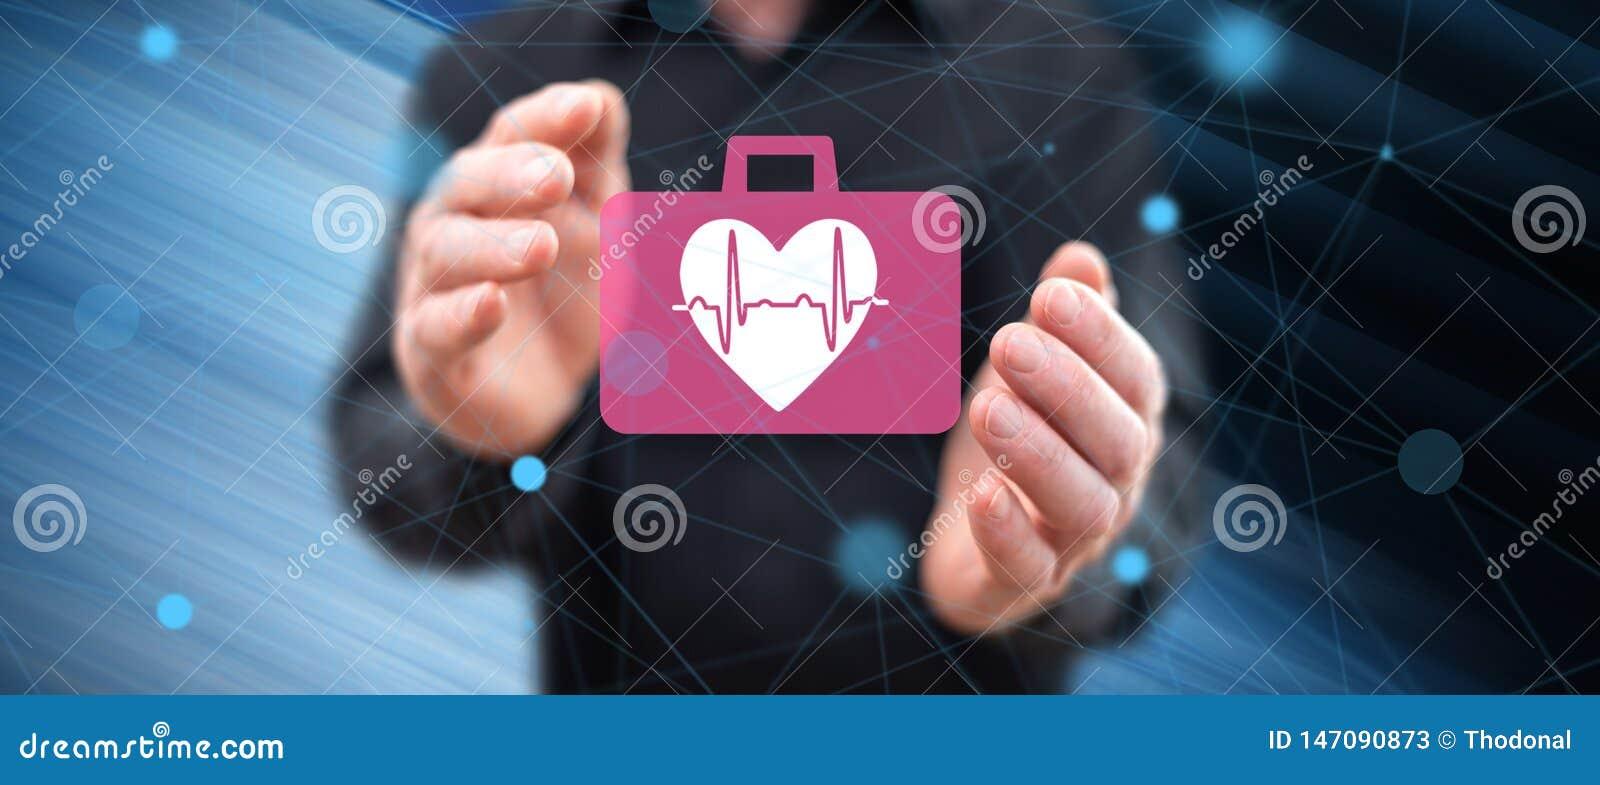 Концепция сердечной аварийной ситуации